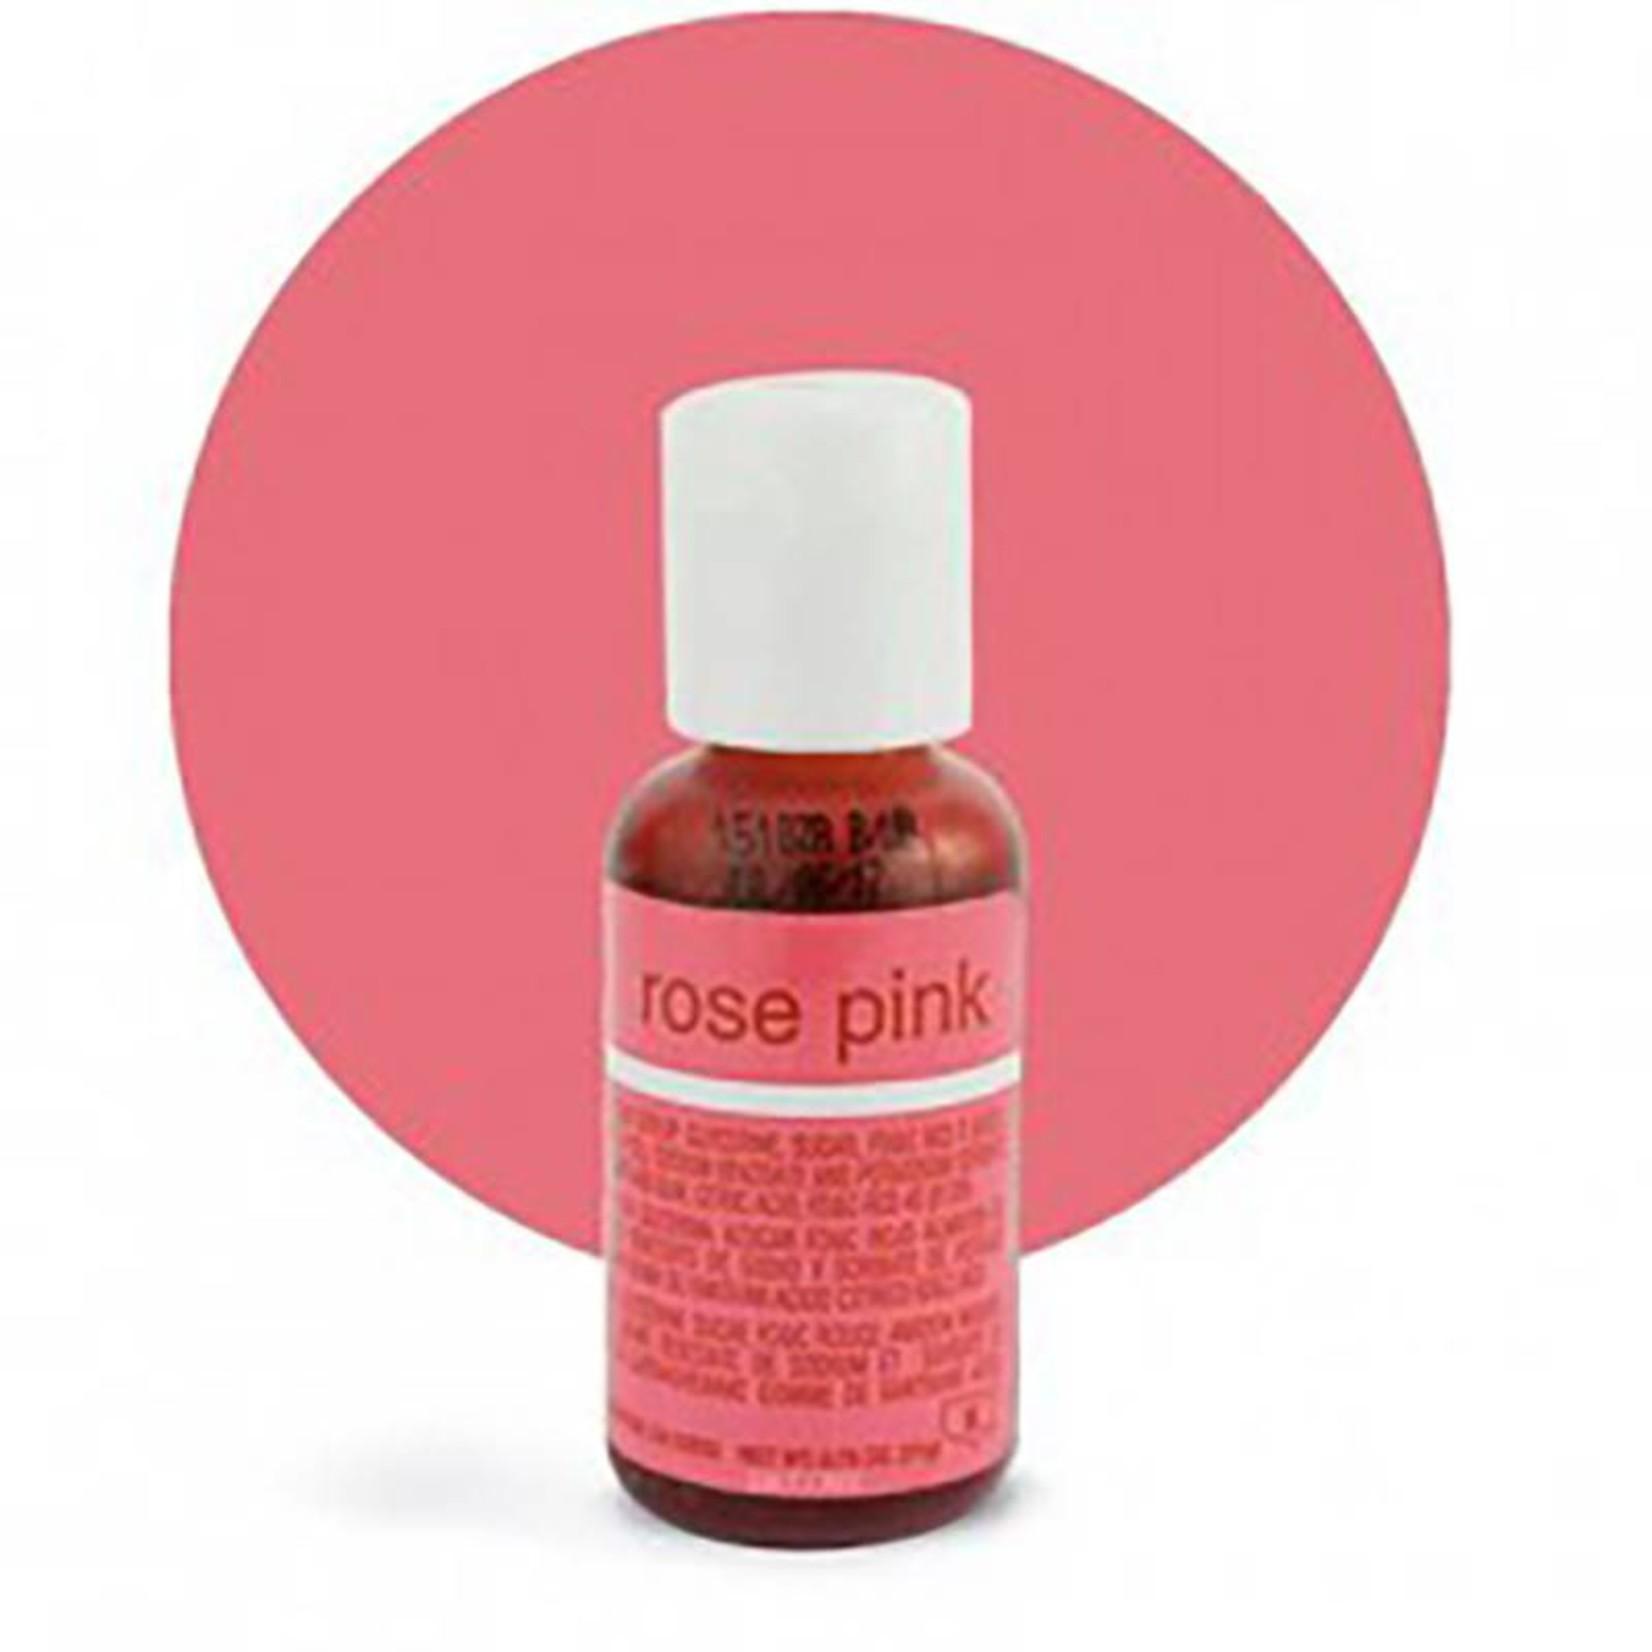 Chefmaster Chefmaster - Rose Pink Gel food color - 0.70oz, 41-5129